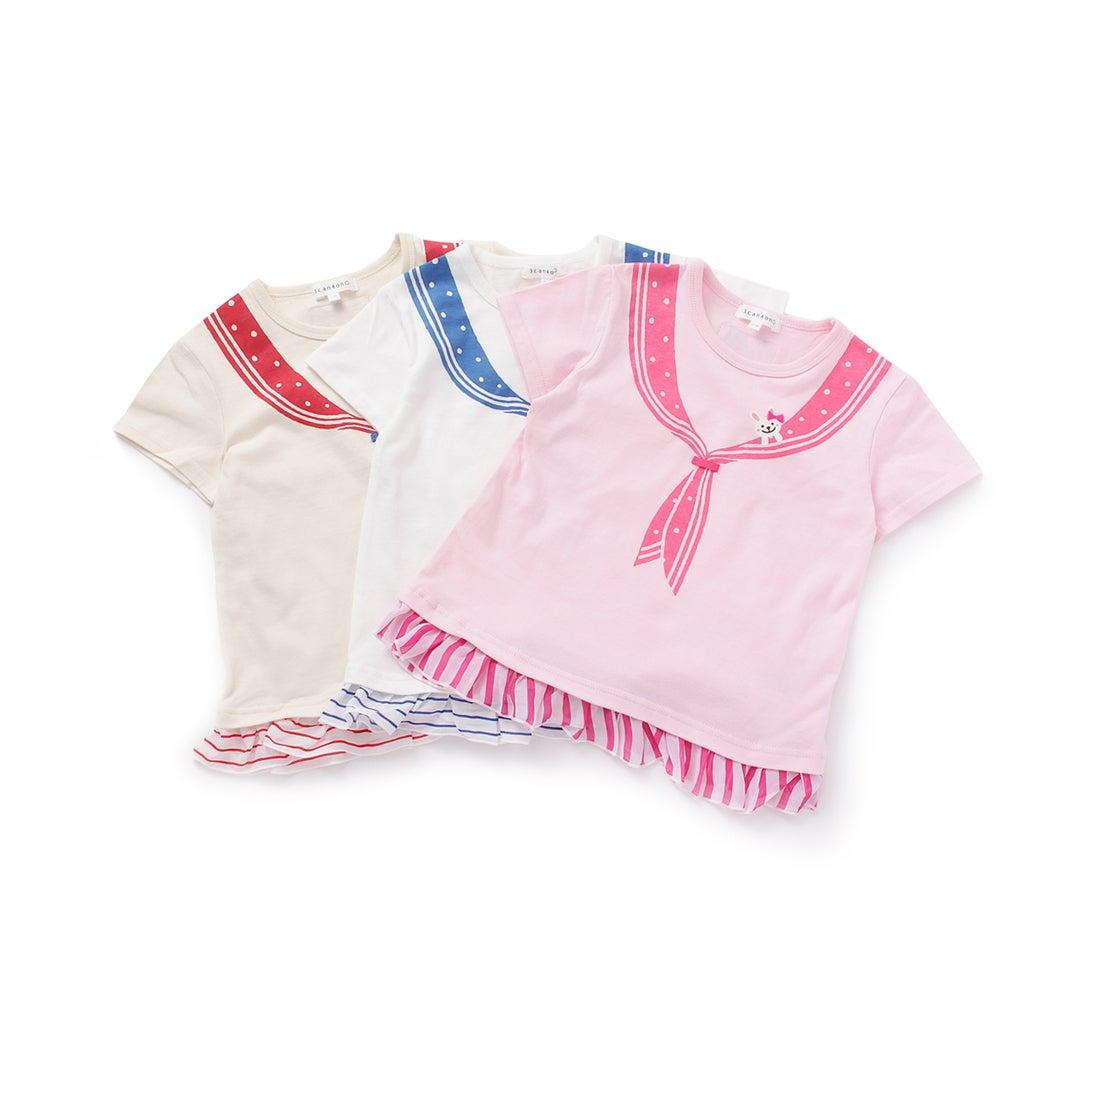 ロコンド 靴とファッションの通販サイトサンカンシオン3can4on【WEB限定/お得なセット商品】ボーダードッキングセーラーカラーTシャツ(3枚セット)(その他)